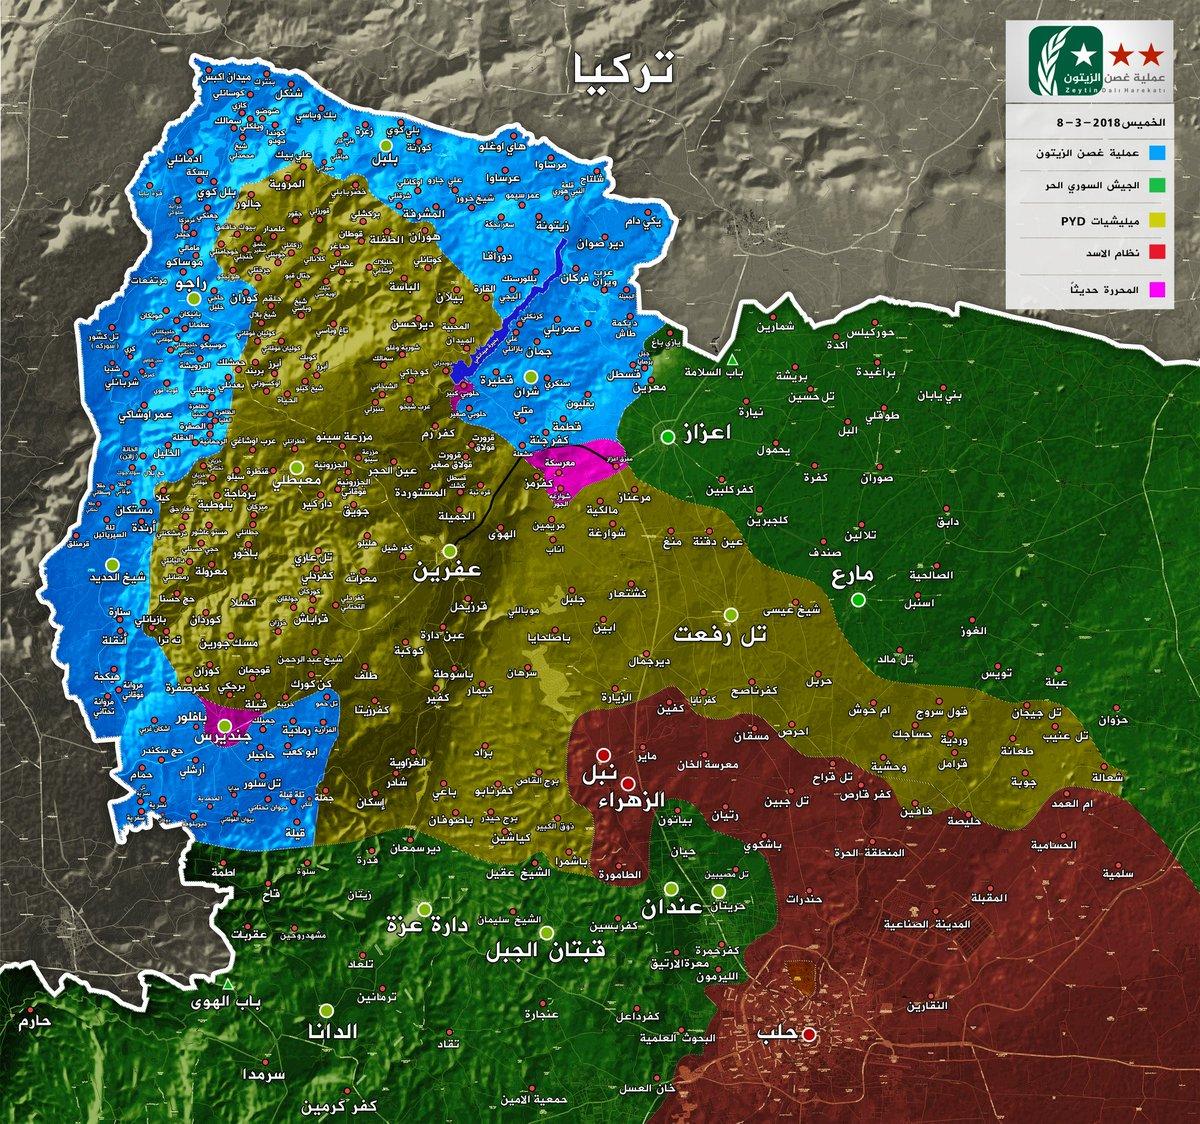 La situation hier: en rose le terrain conquis par les turcs la veille, en bleu le terrain conquis depuis le 20 janvier, en jaune les FDS, en vert la rebellion islamiste, en rouge le régime